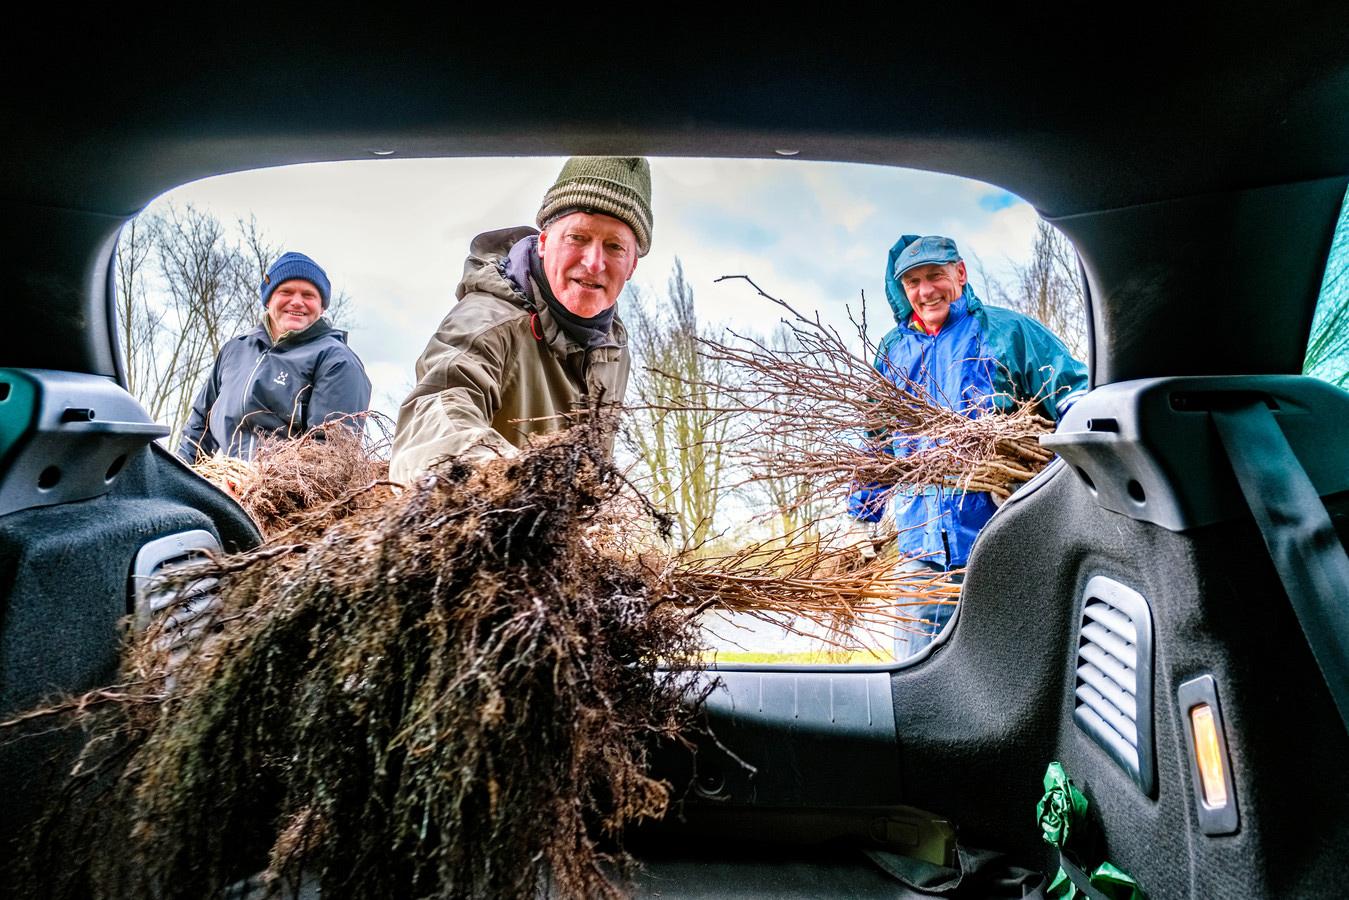 Op de afhaallocatie in Abcoude helpen twee vrijwilligers (Joost Box, groene muts, en Steven Enters blauwe pet, beide uit Nigtevegt) en de eigenaar van de locatie (Hardy Heijmen, blauwe muts) mee om een de bomen coronaproof in de achterbak van de auto te plaatsen. © Marlies Wessels